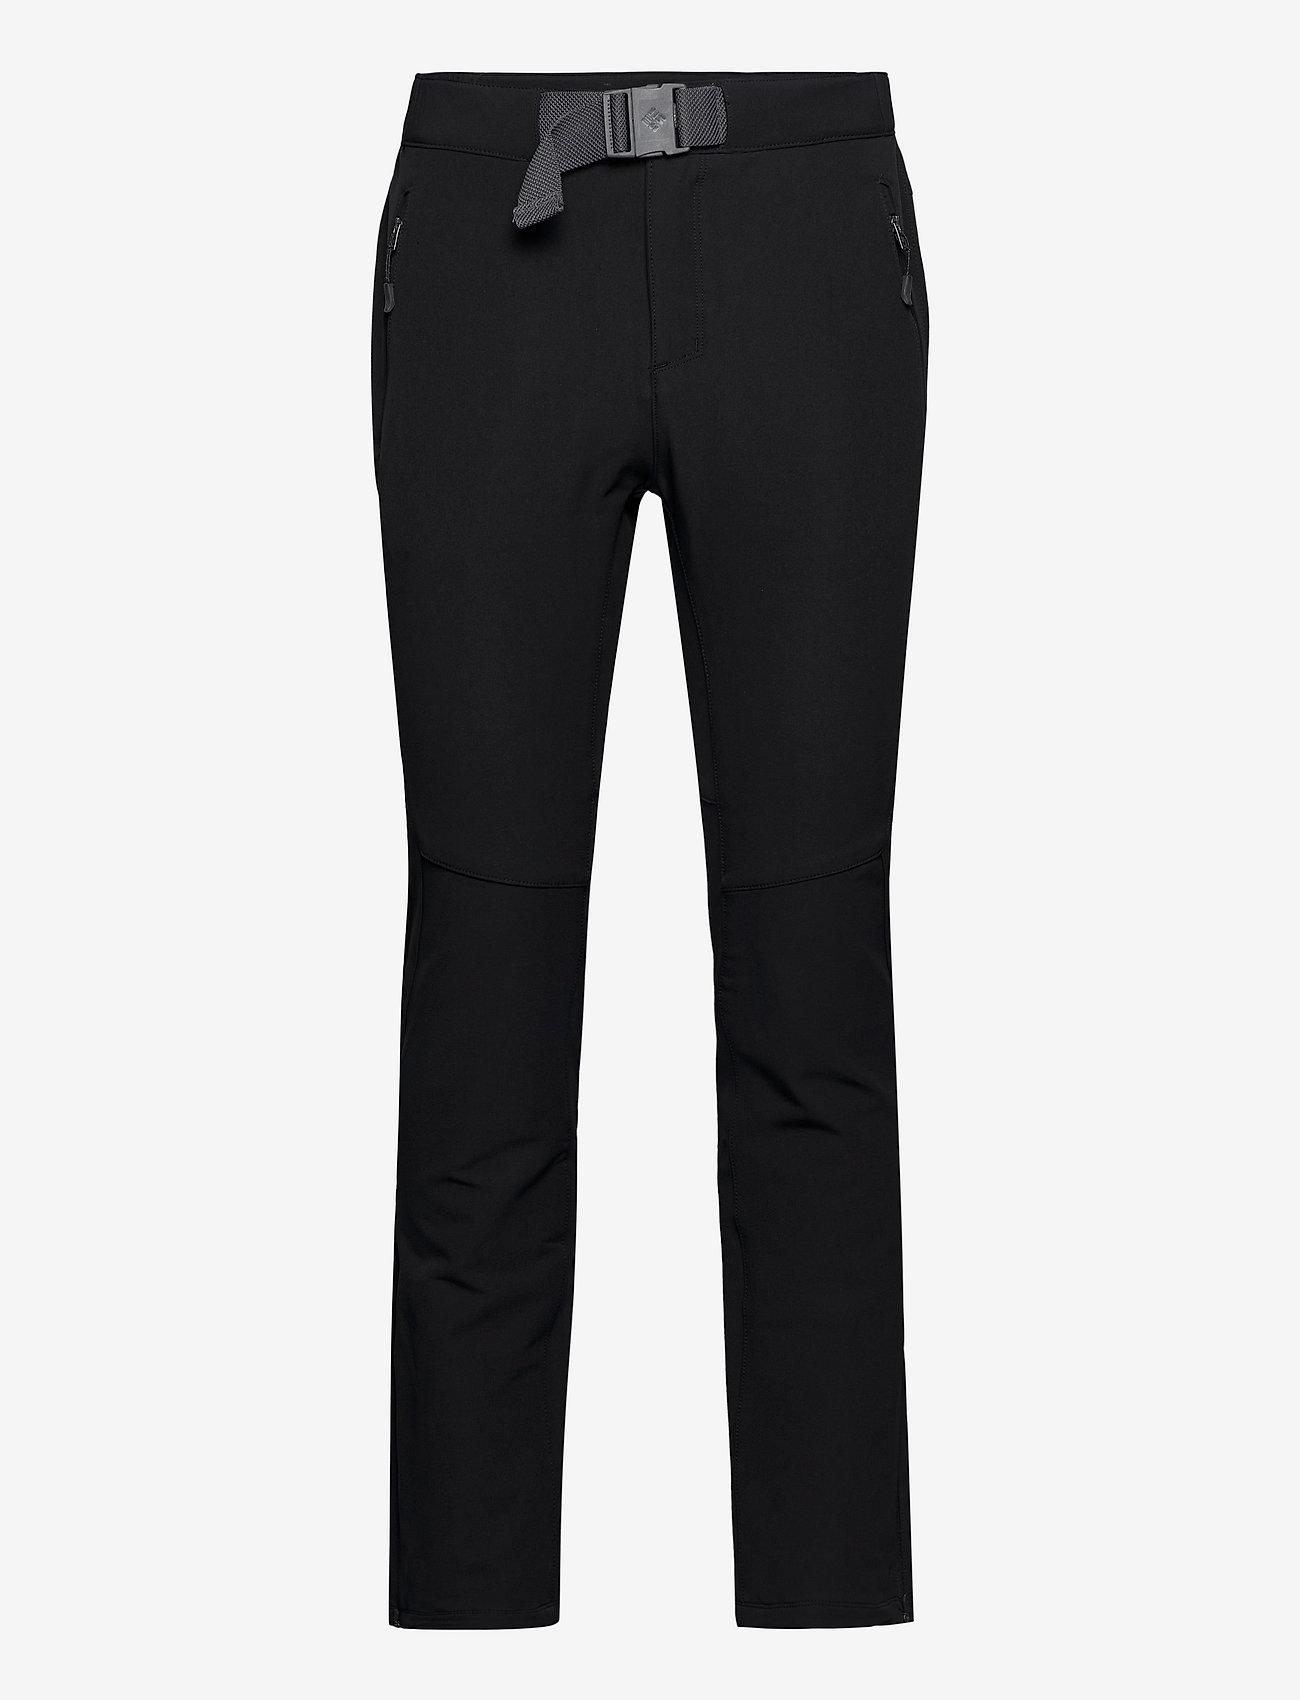 Columbia - Passo Alto II Heat Pant - spodnie turystyczne - black - 1